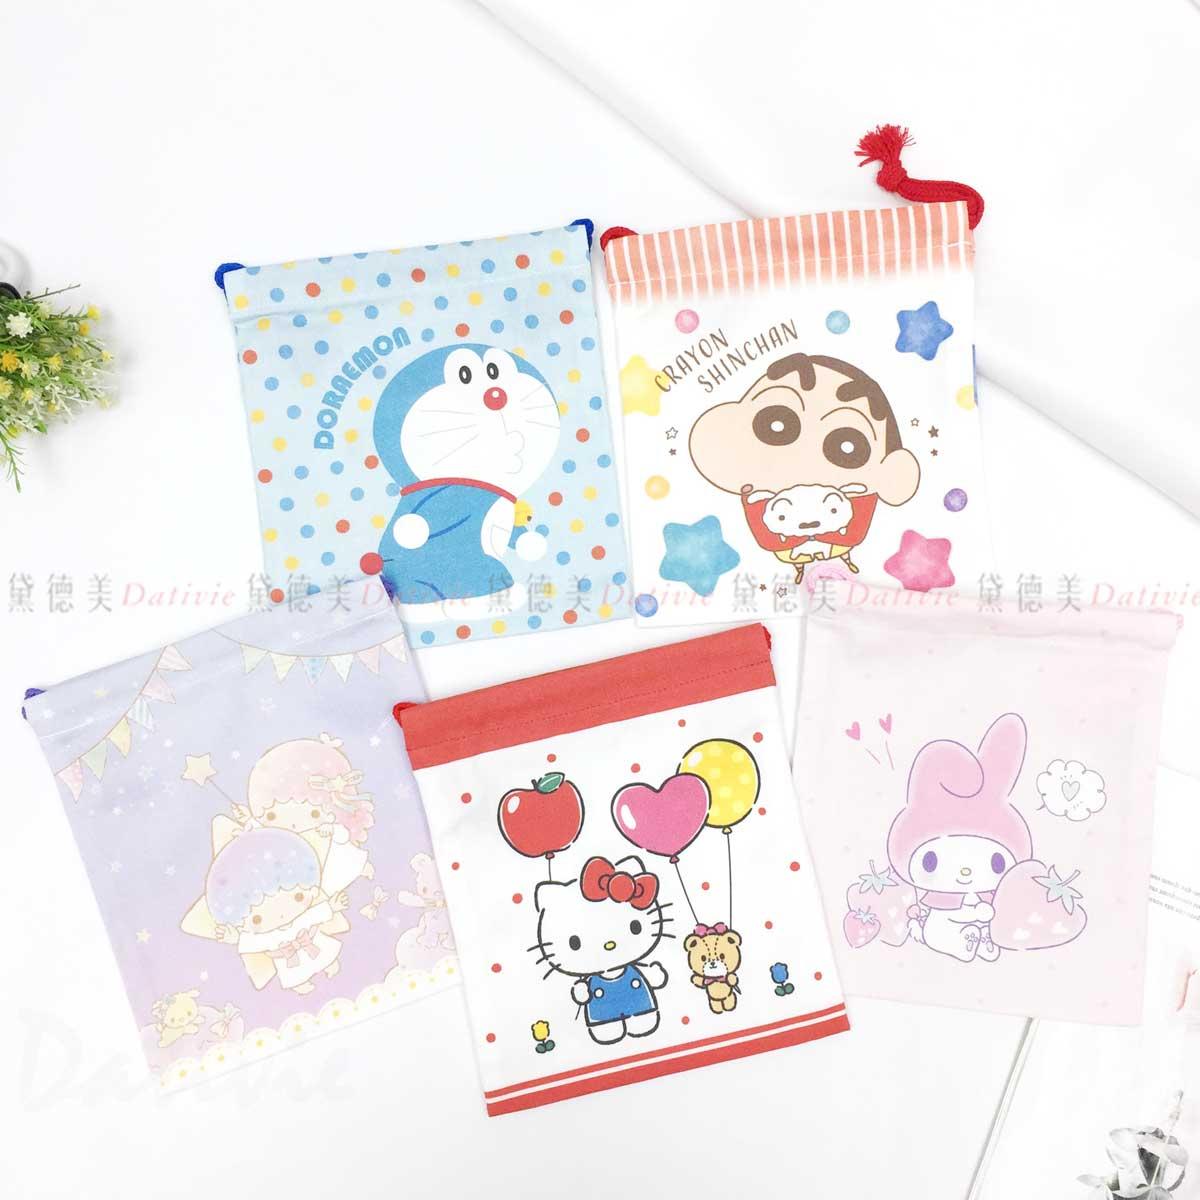 純棉小束口袋 XS-哆啦A夢 蠟筆小新 雙子星 凱蒂貓 美樂蒂 三麗鷗 Sanrio 日本進口正版授權